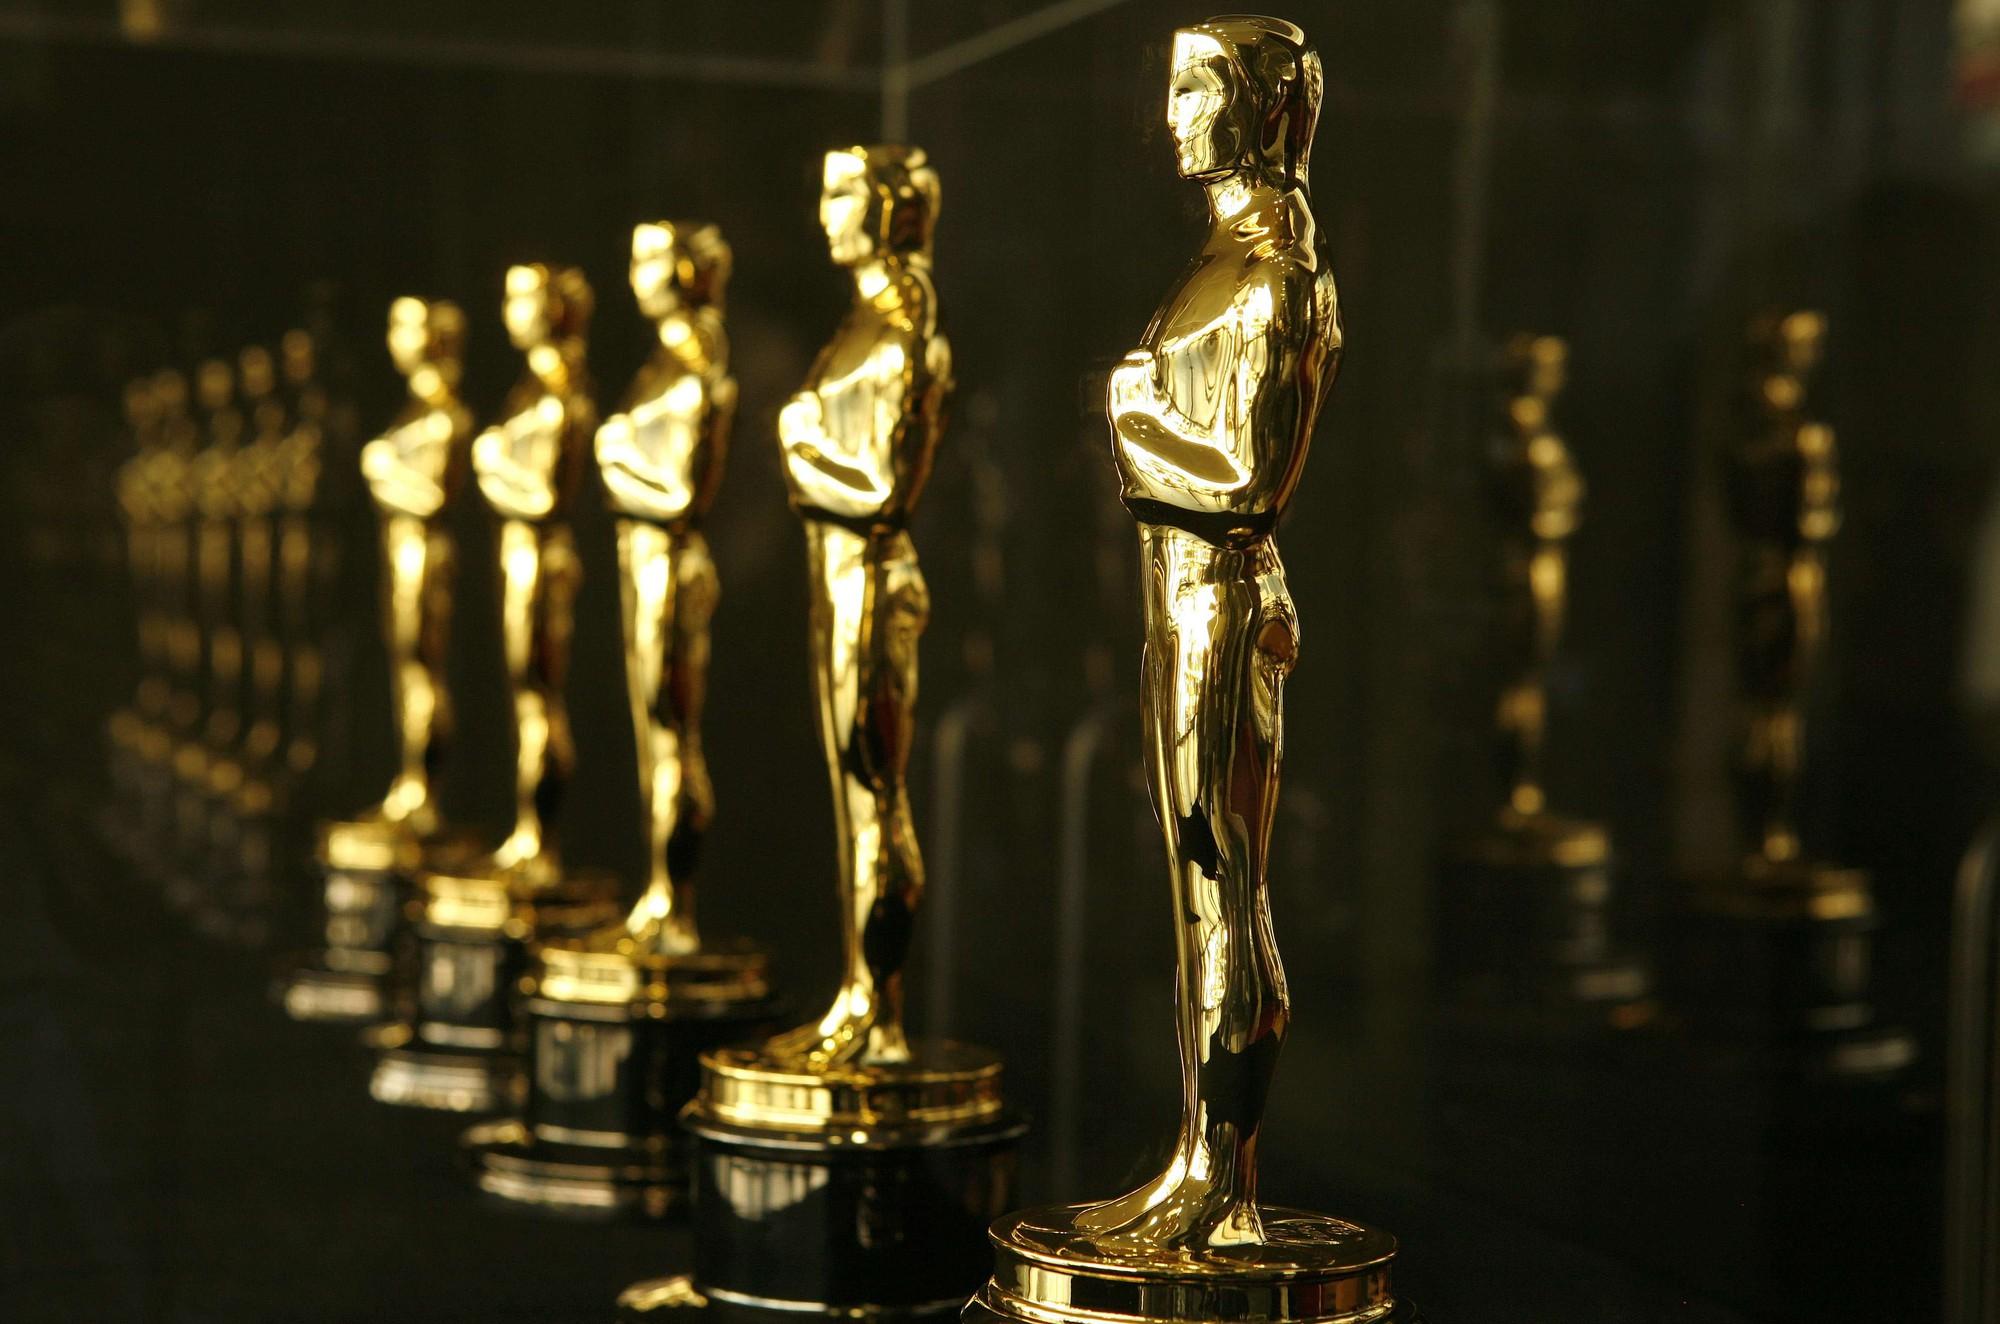 Từ Oscar 2018, nhìn lại 90 năm thăng trầm của giải thưởng điện ảnh danh giá bậc nhất thế giới - Ảnh 8.